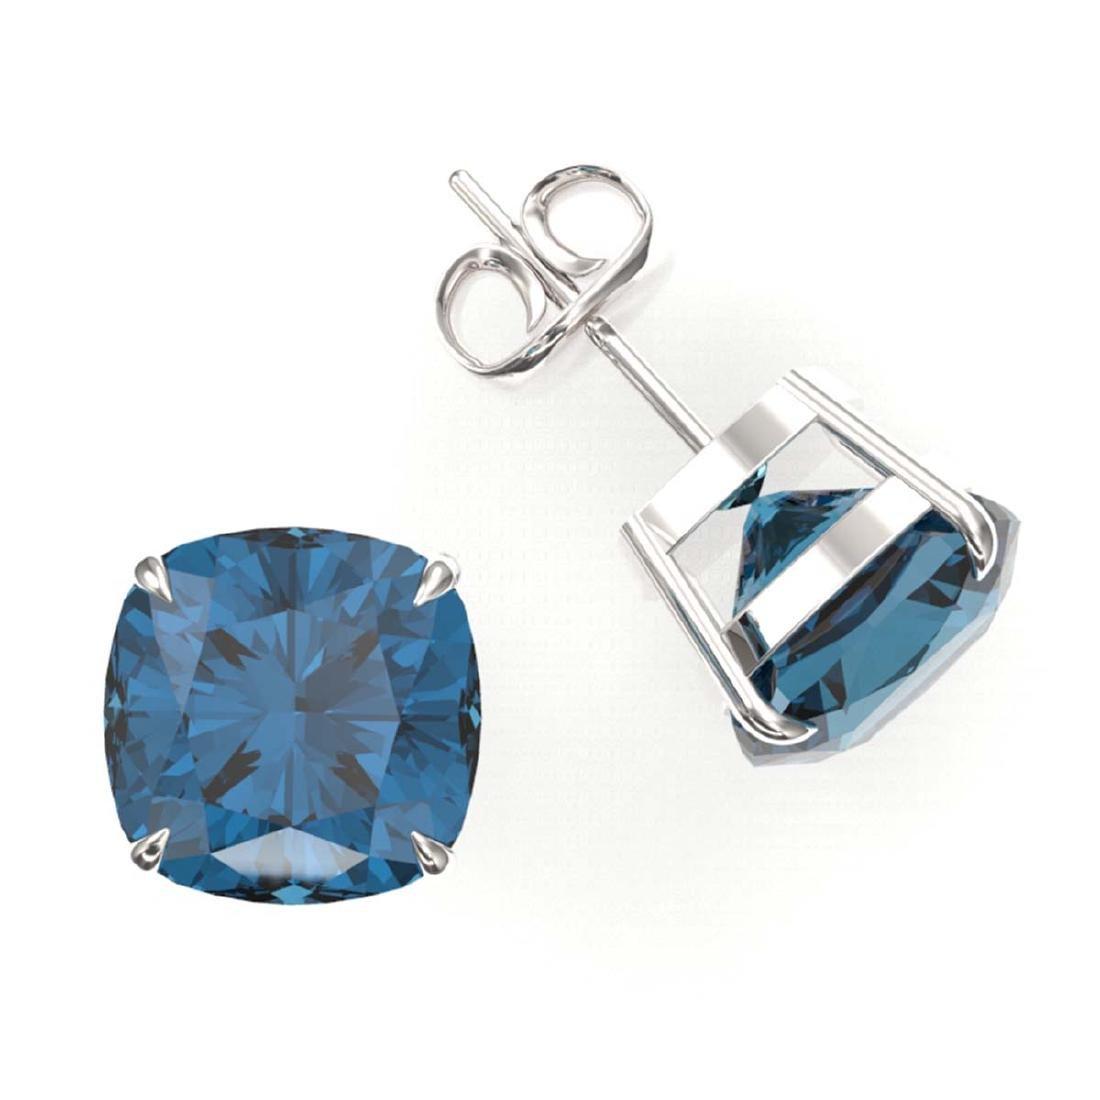 12 ctw Cushion London Blue Topaz Stud Earrings 18K - 2